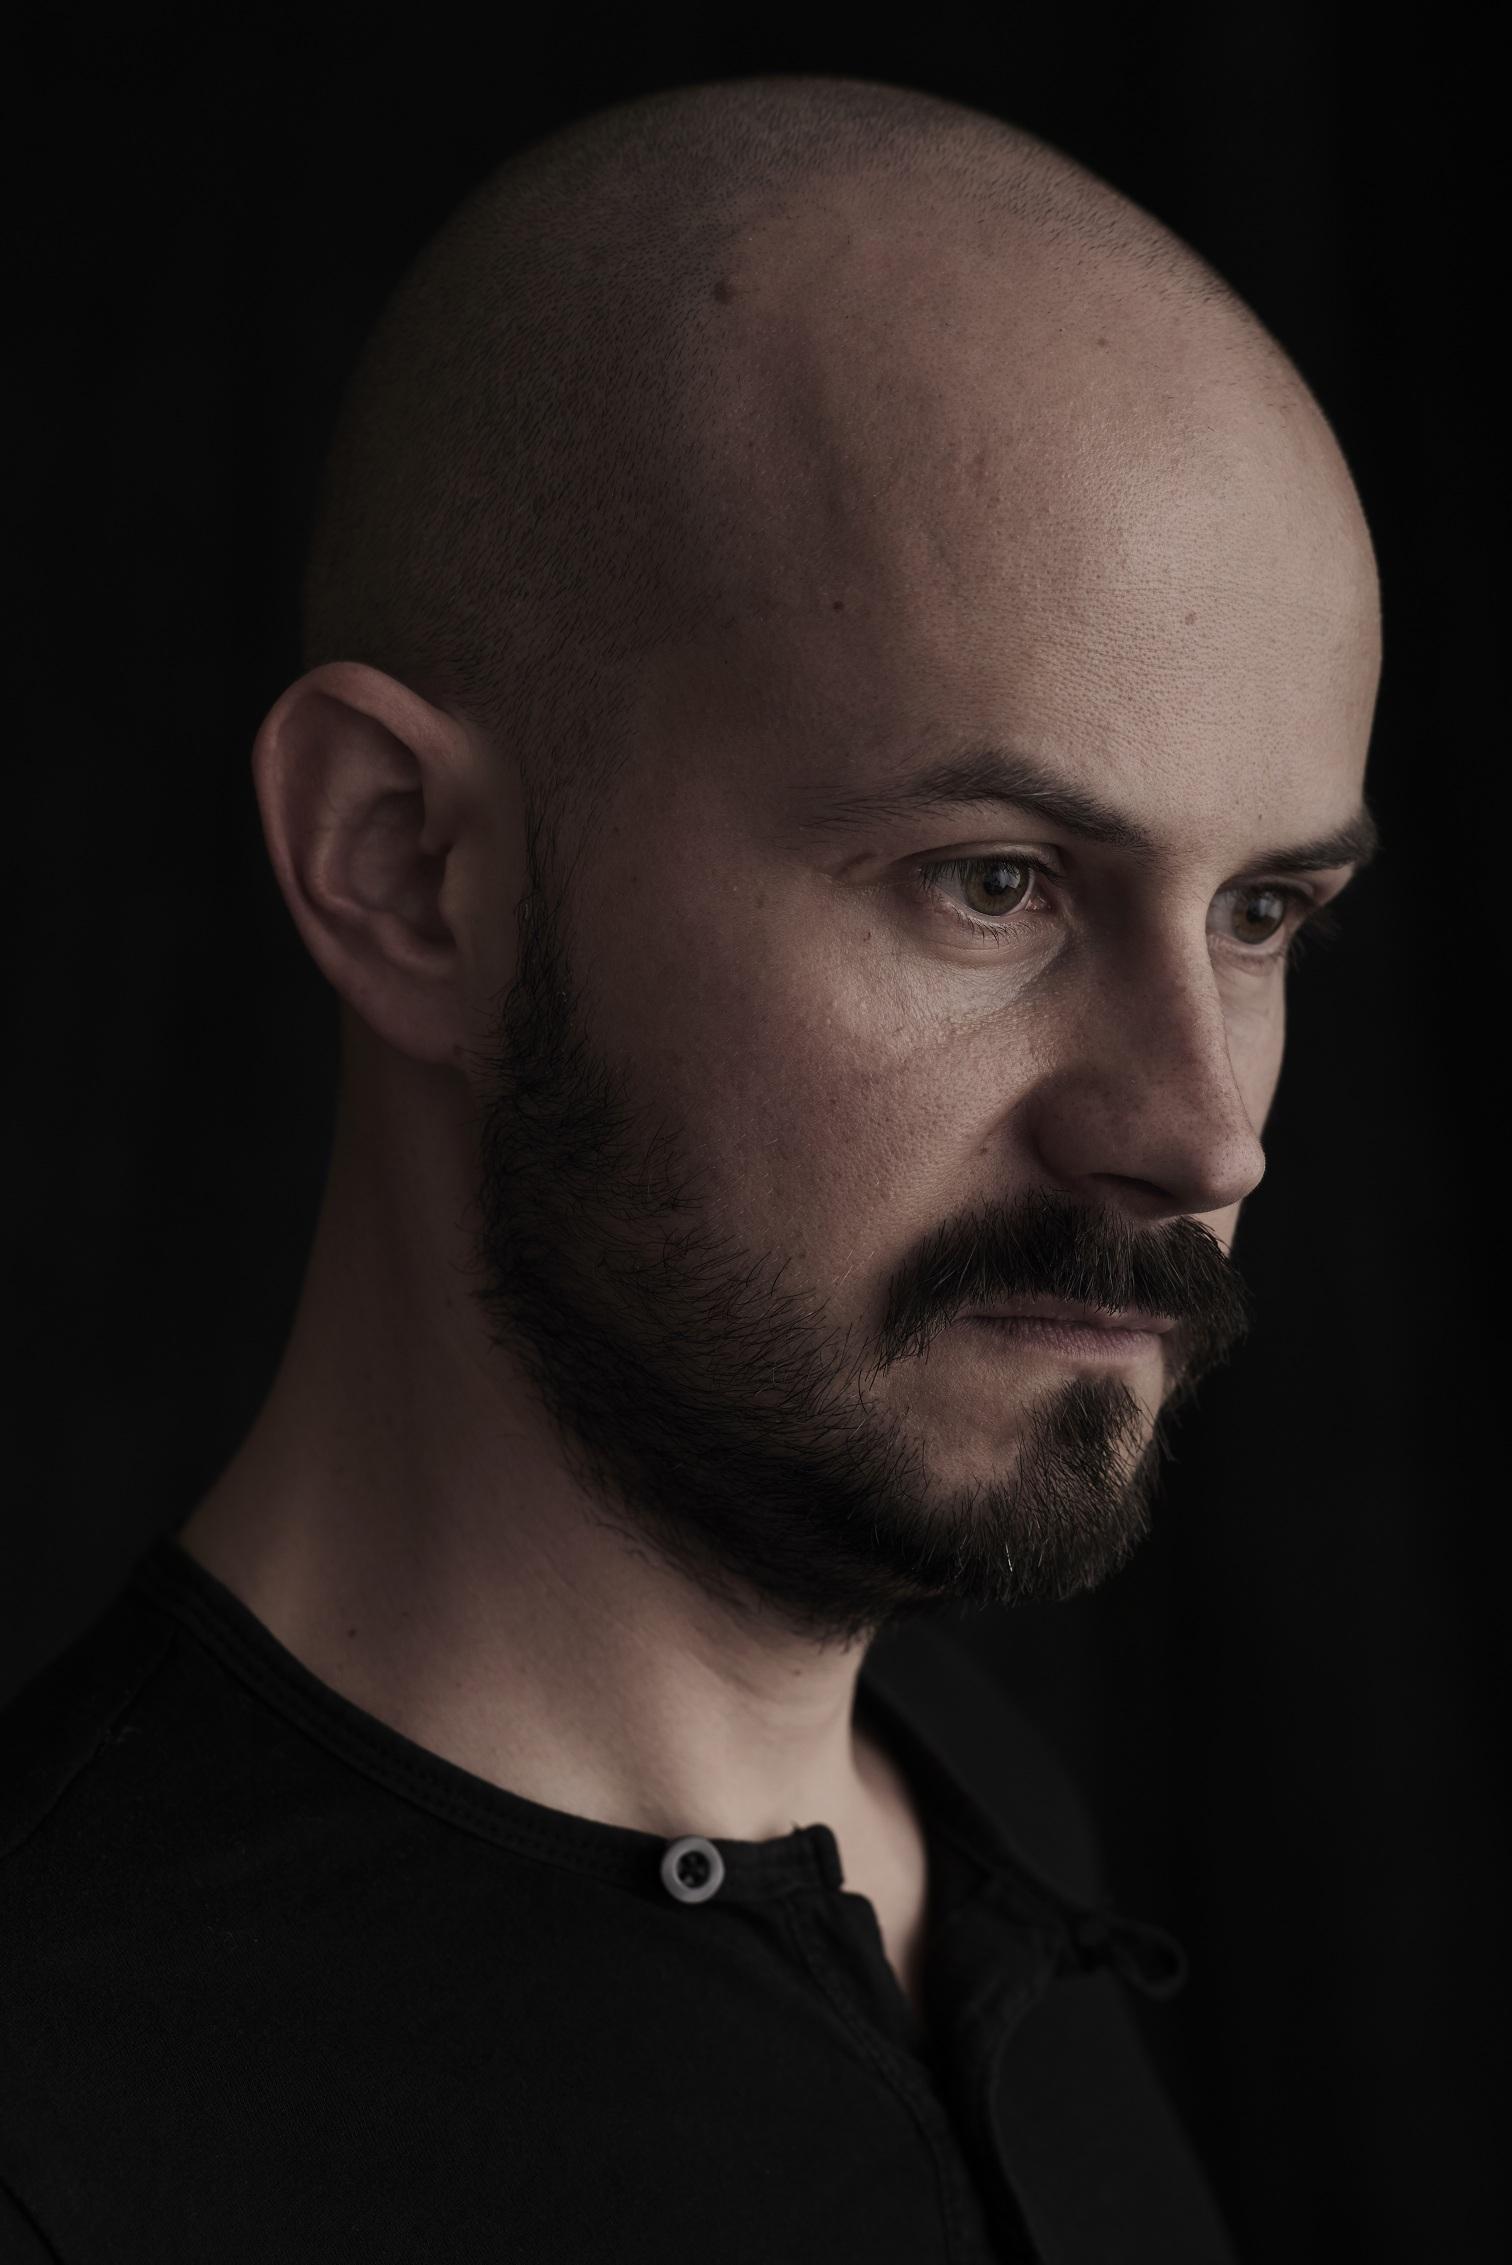 Robert Rient (fot. Grzegorz Wełnicki)